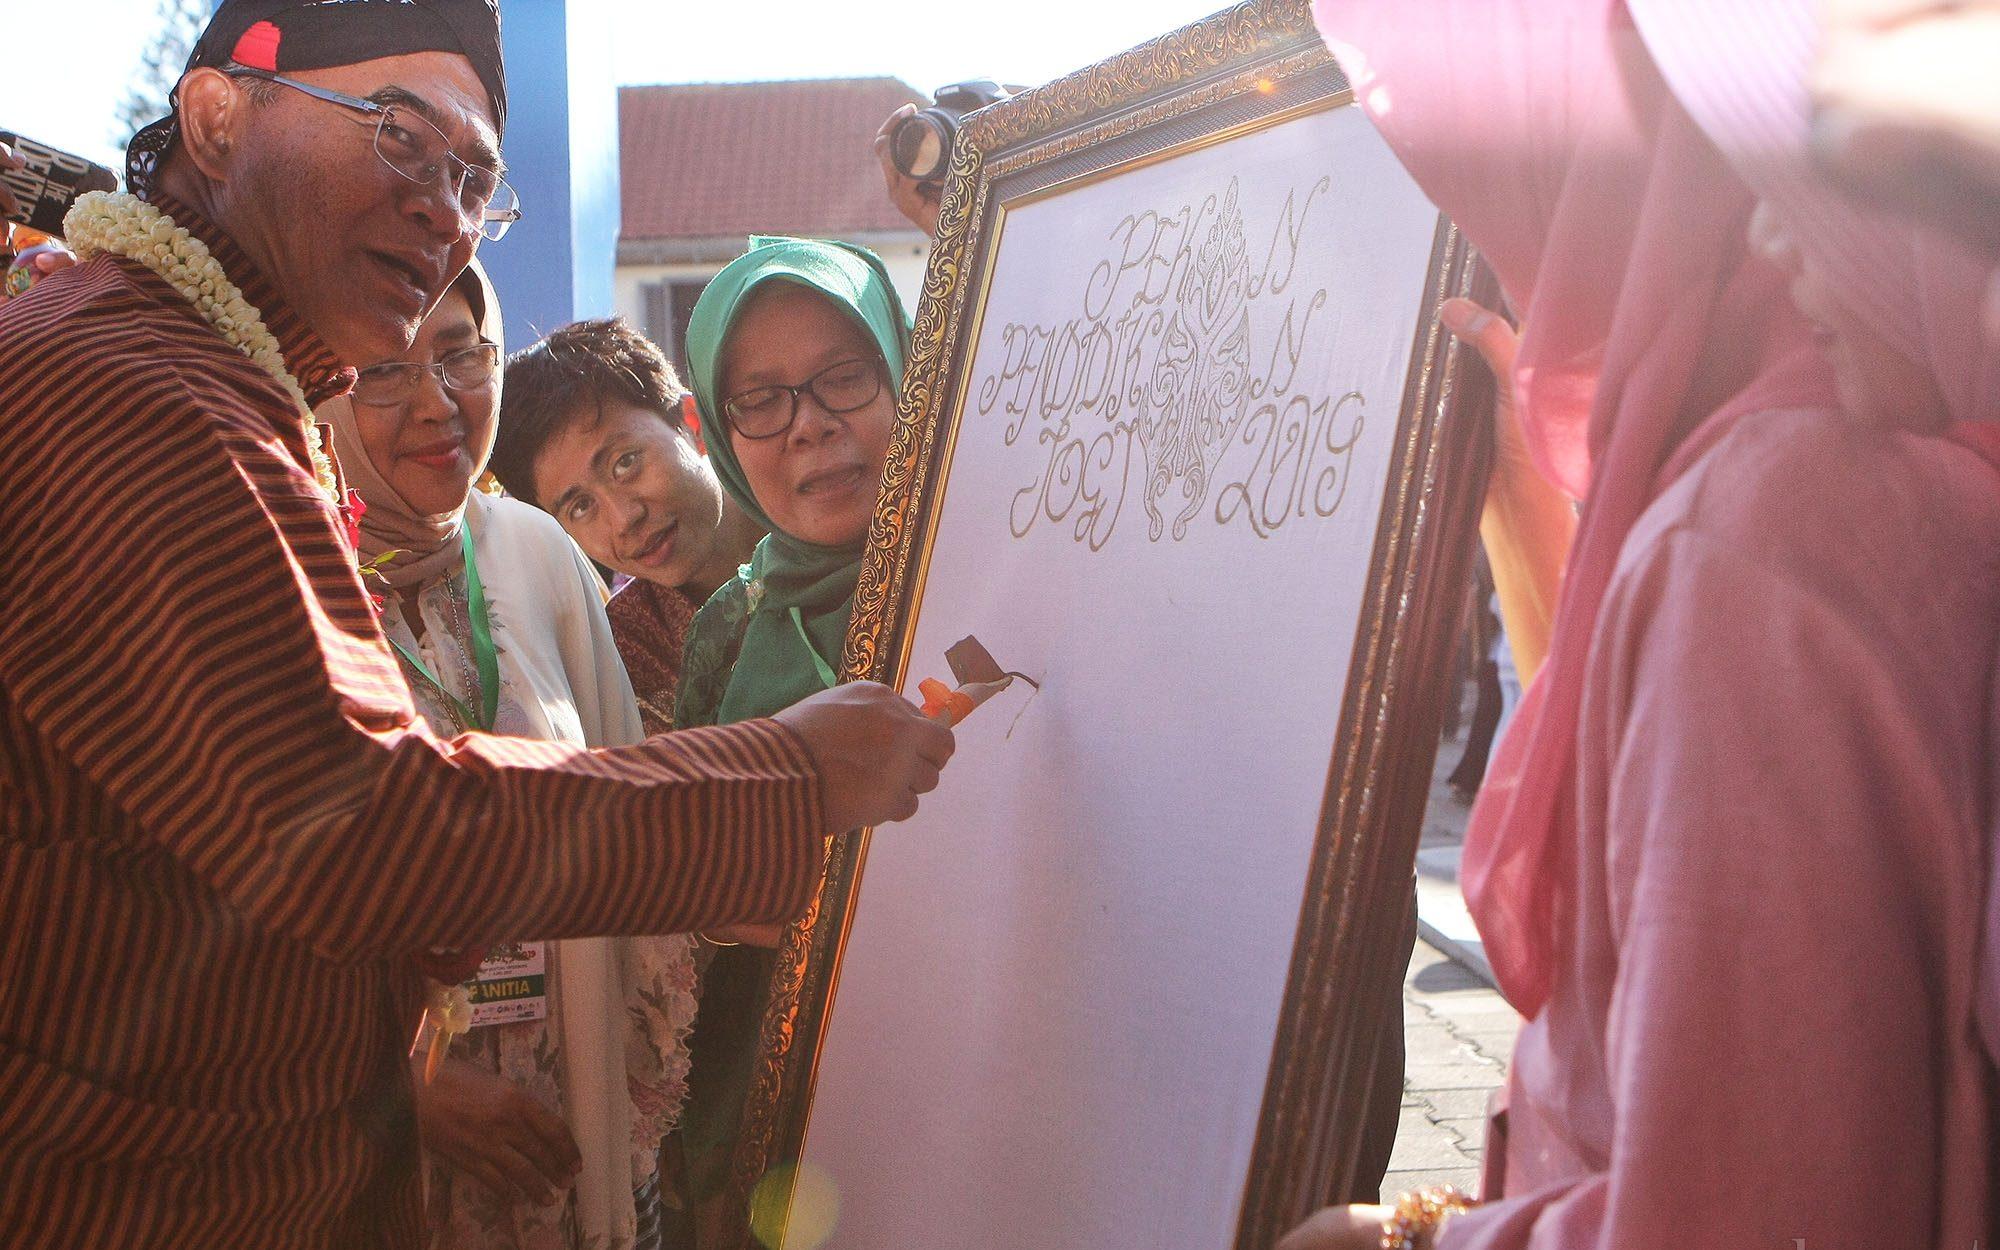 Mendikbud Sebut Budaya Indonesia, Penangkal Pengaruh Ideologi Dari Luar